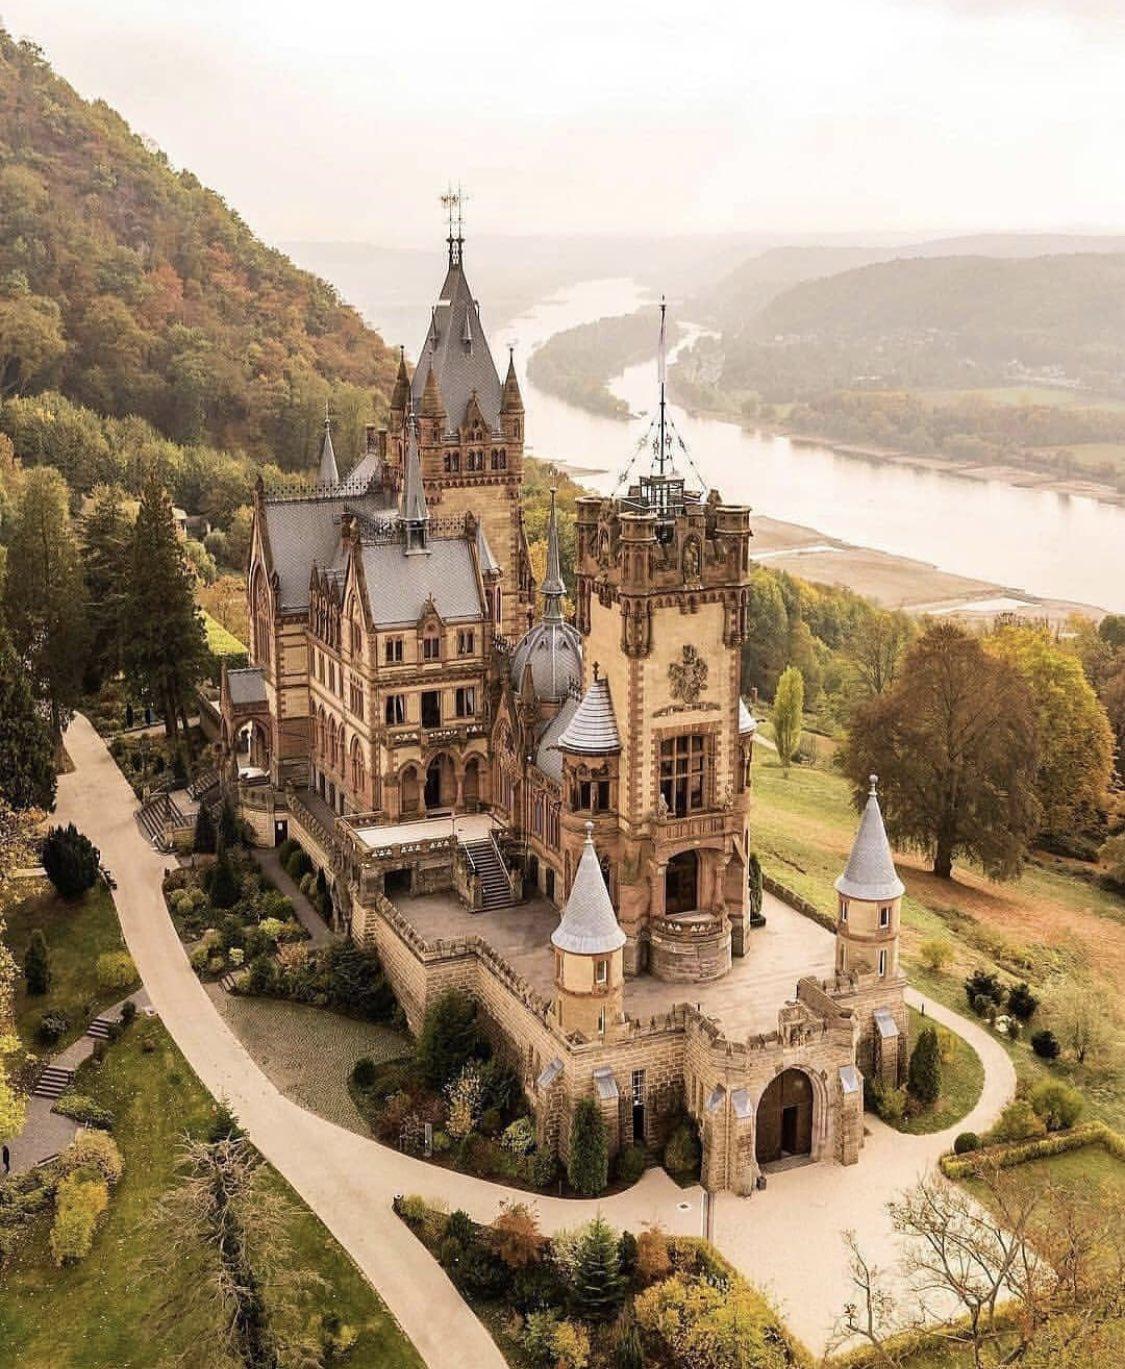 SCHLOSS-DRACHENBURG-GERMANY-